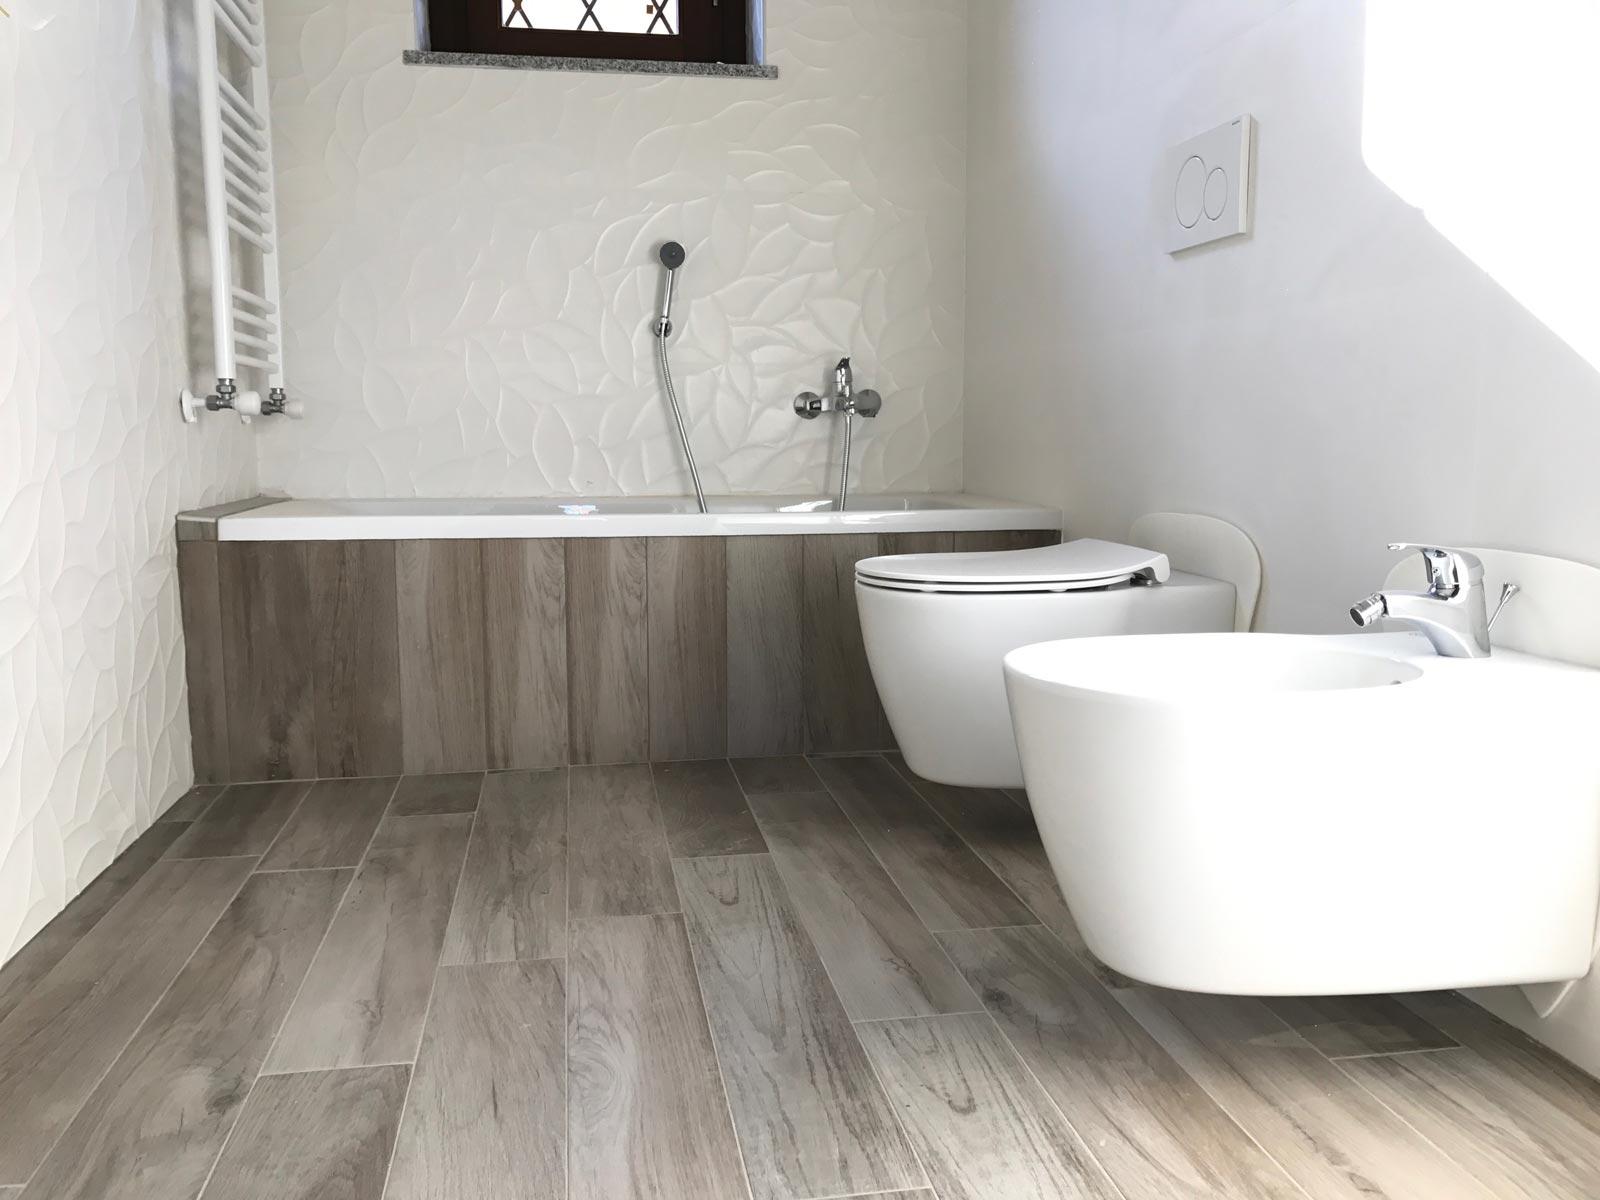 Rivestimenti Bagno Gres Porcellanato Effetto Legno : Bagno in gres effetto legno e bianco d marazzi